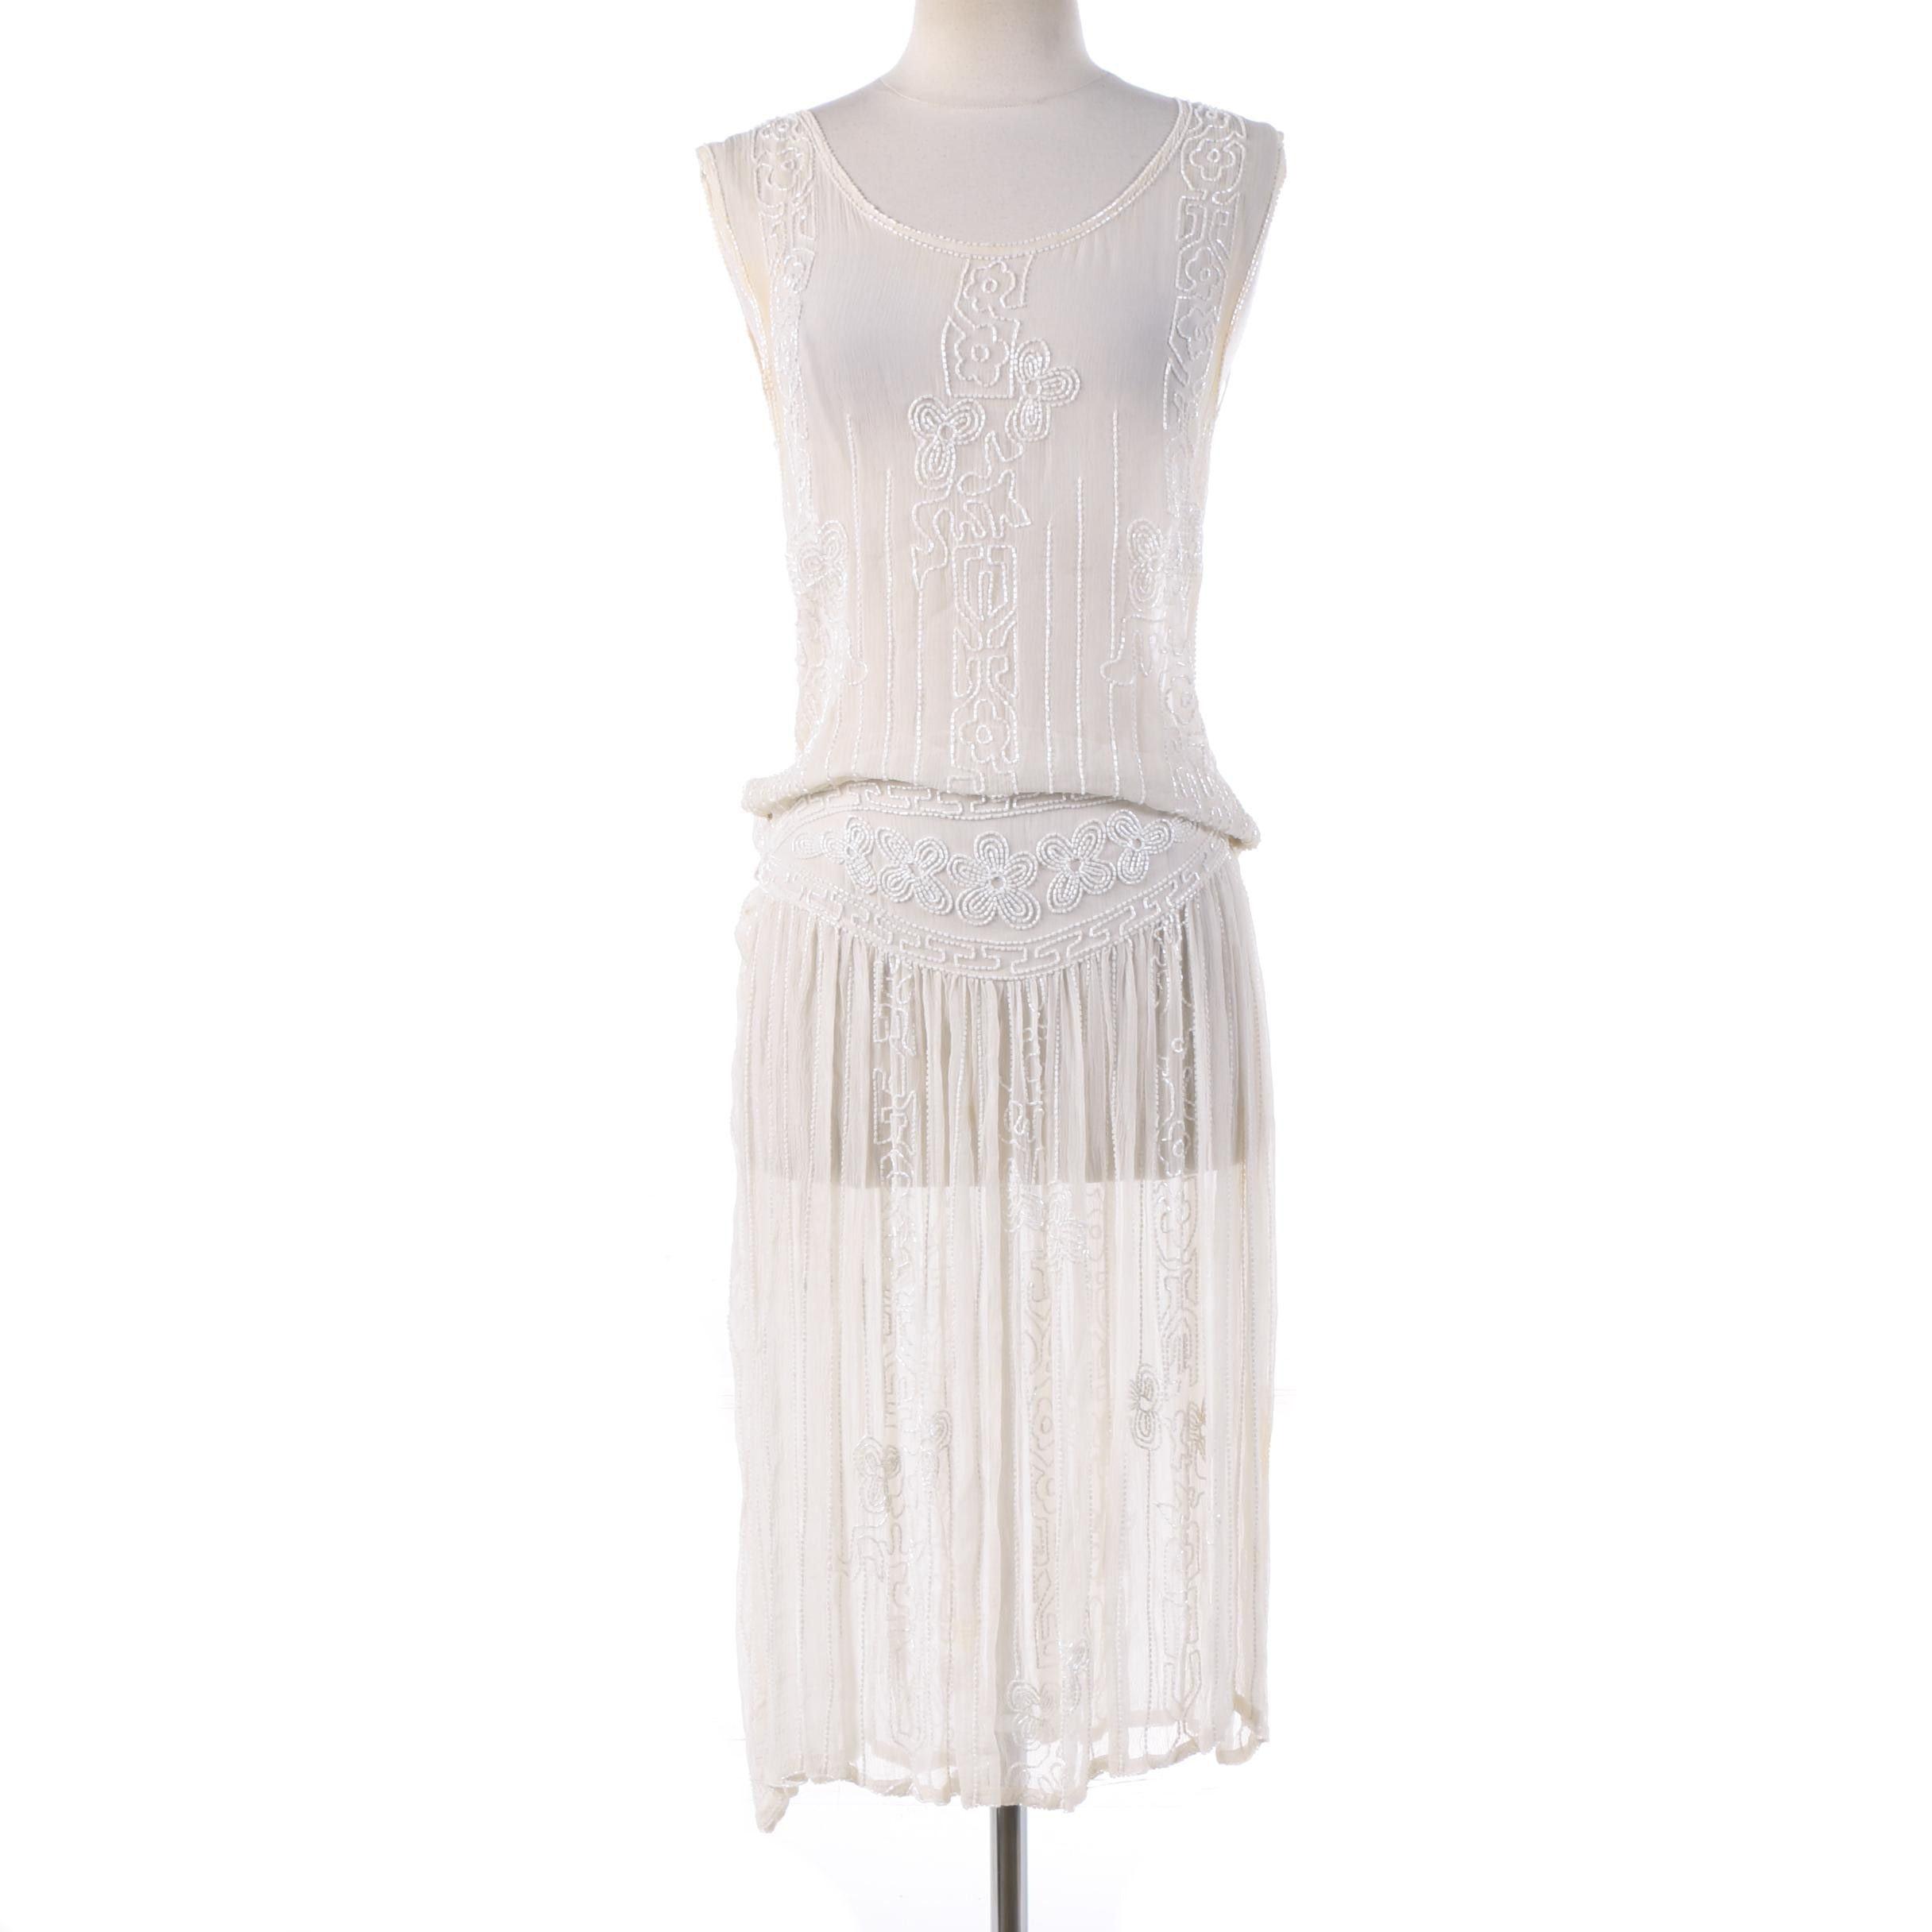 1920s Vintage Art Deco Sheer White Beaded Sleeveless Flapper Dress